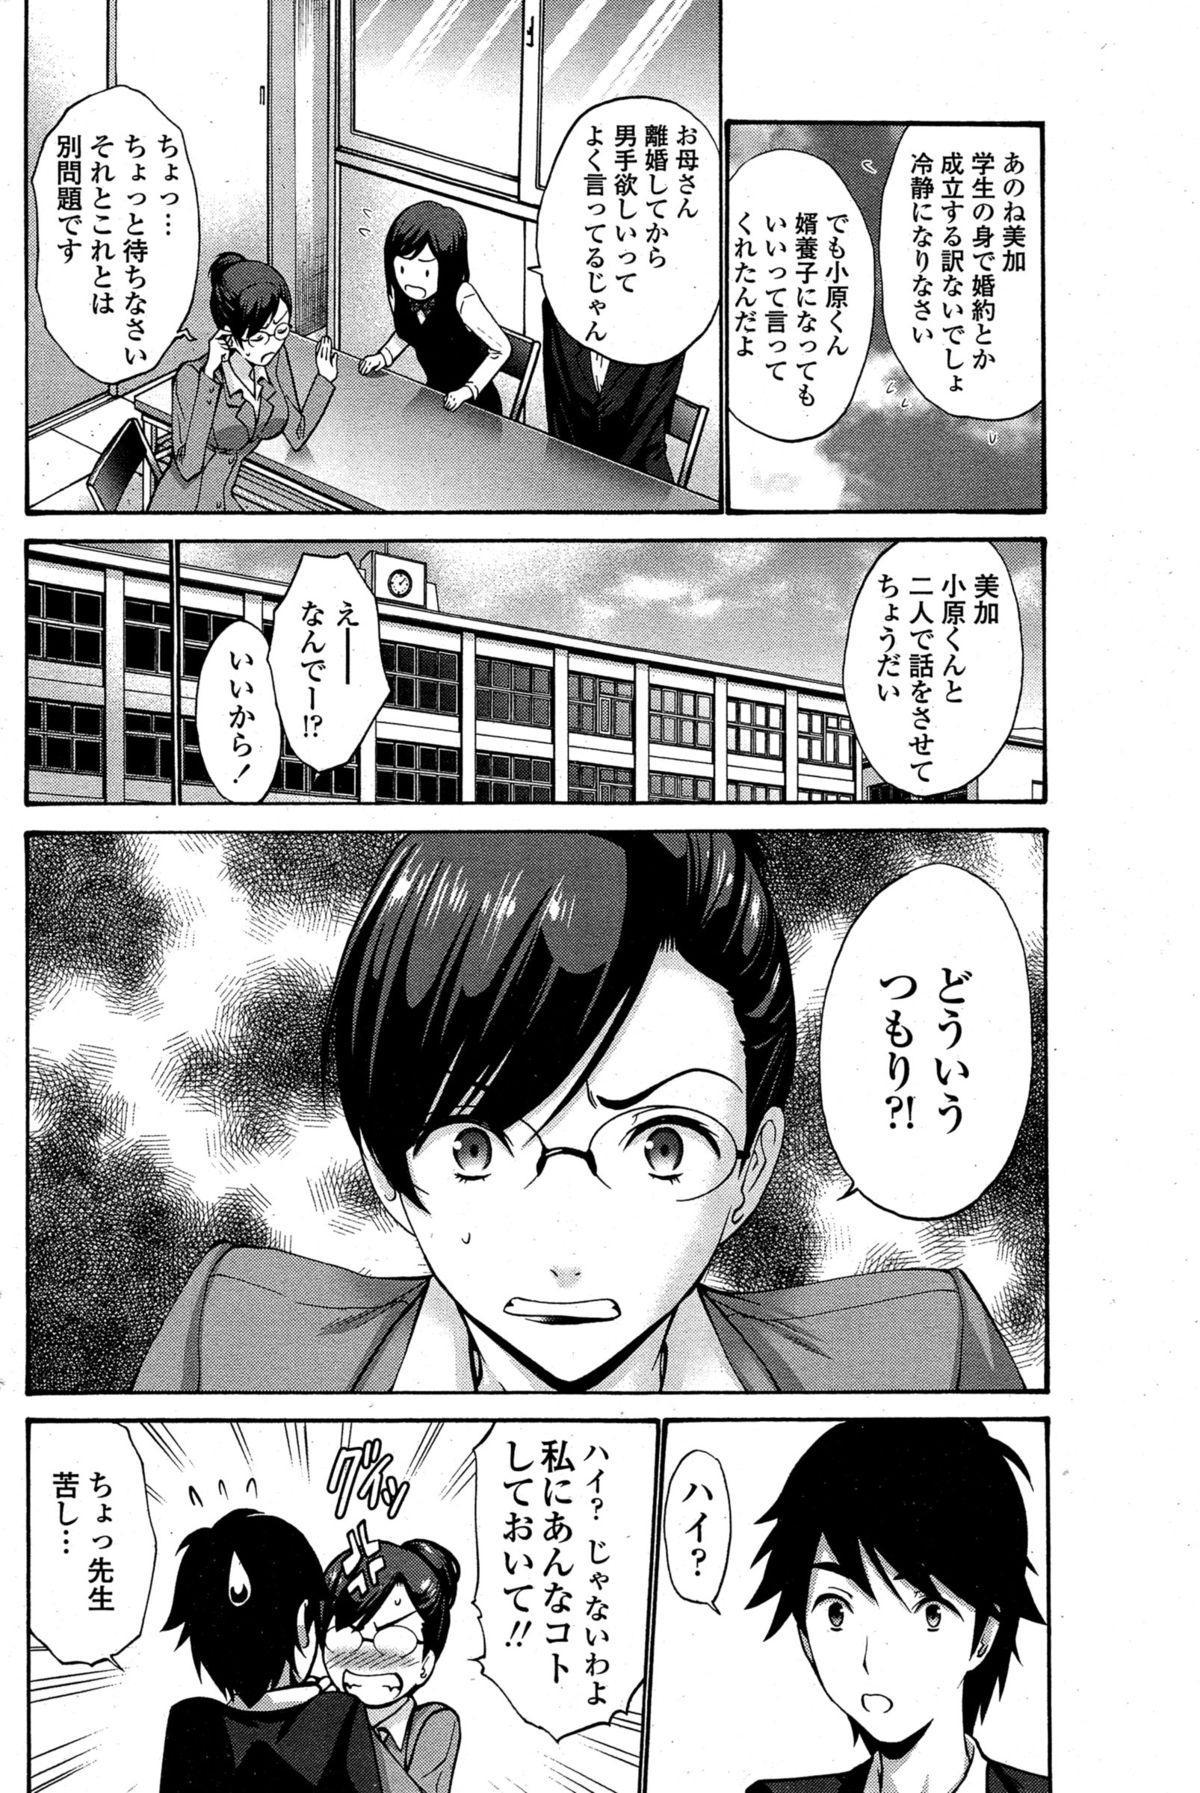 Musume no Kare 1